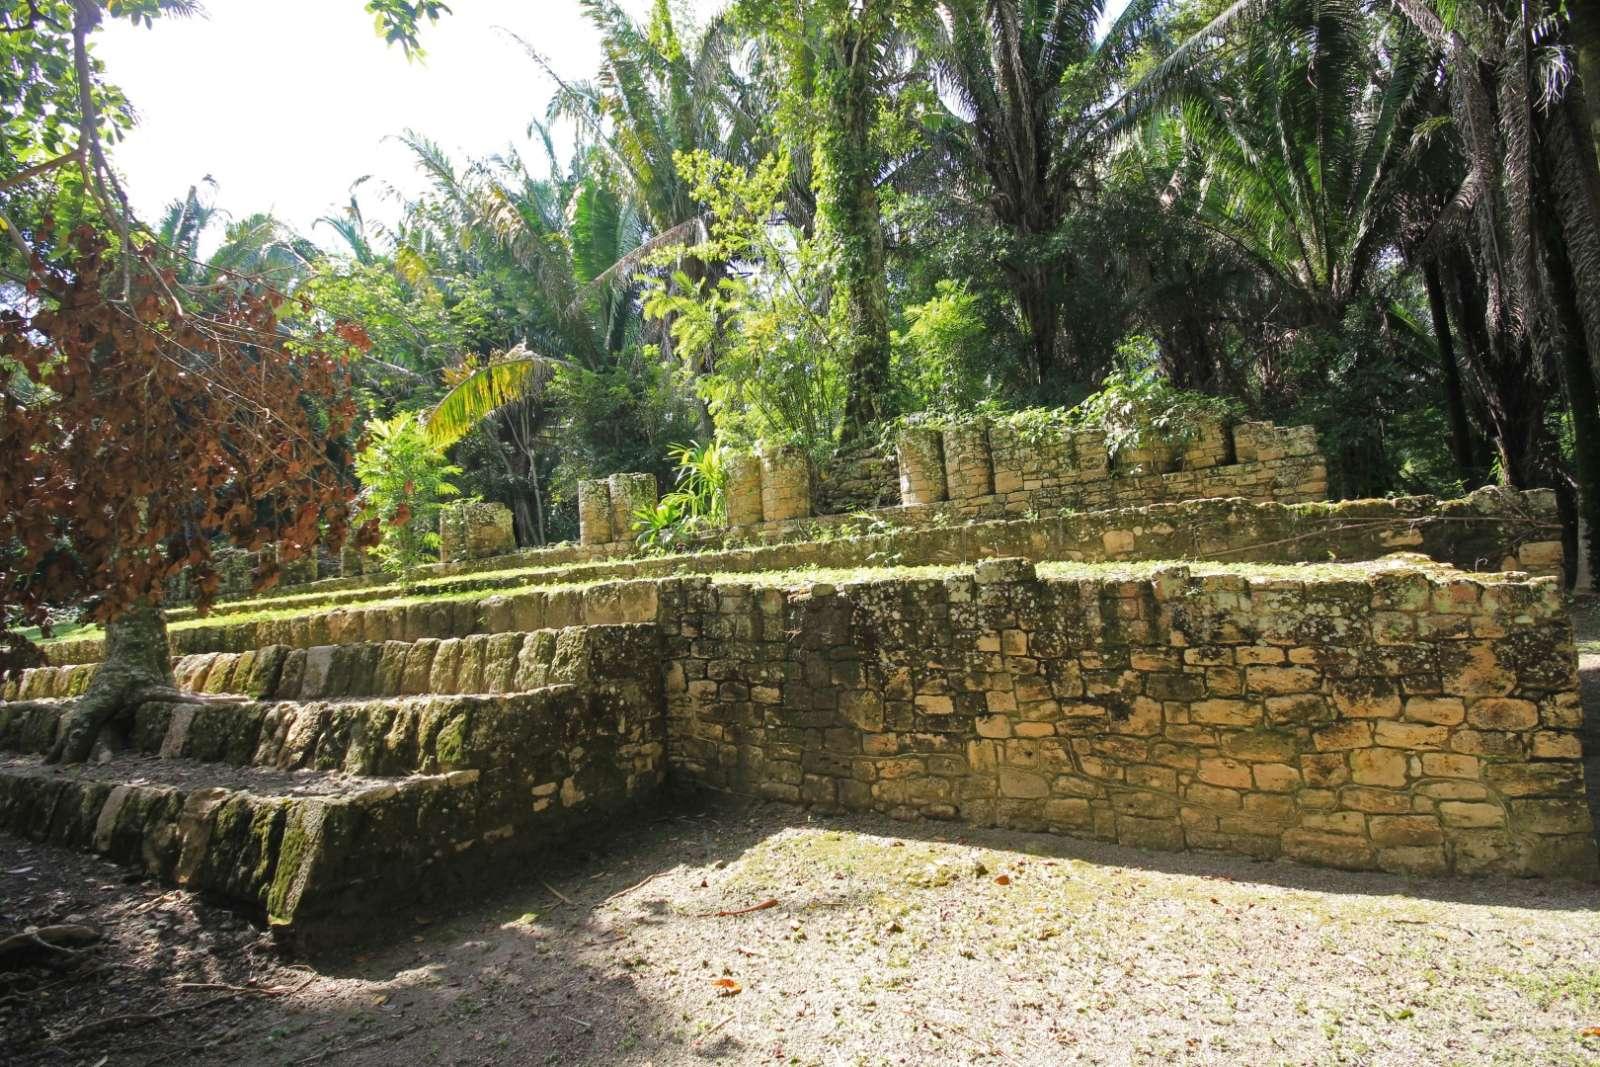 Kohunlich Mexico Ruins